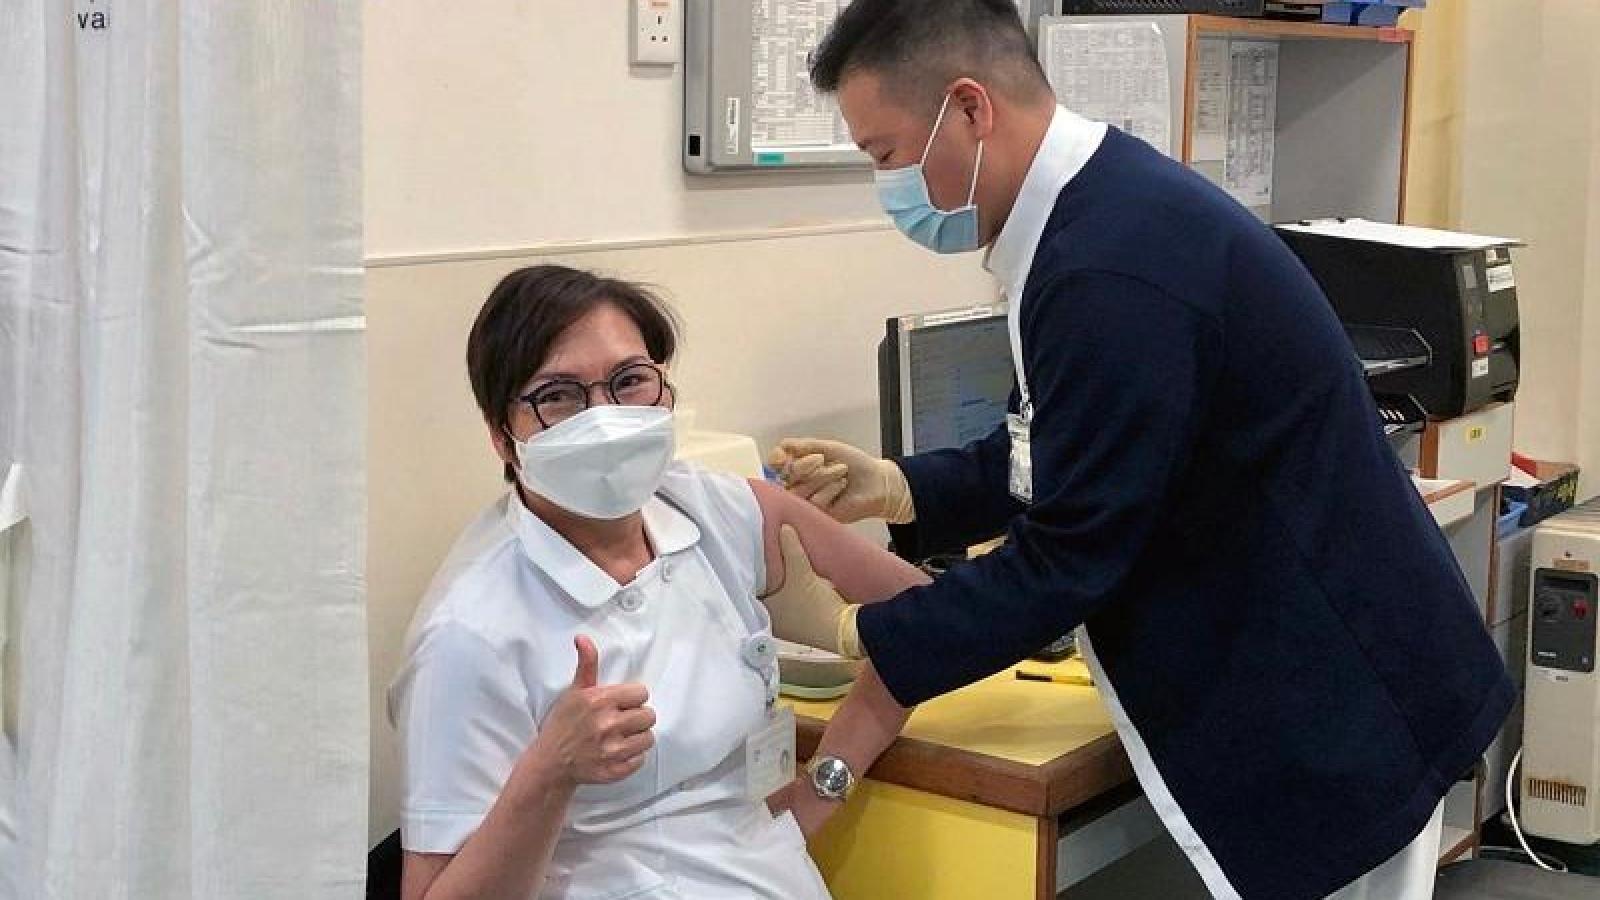 Macao (Trung Quốc) ghi nhận hơn 10.000 người đăng ký tiêm vaccinengừa Covid-19